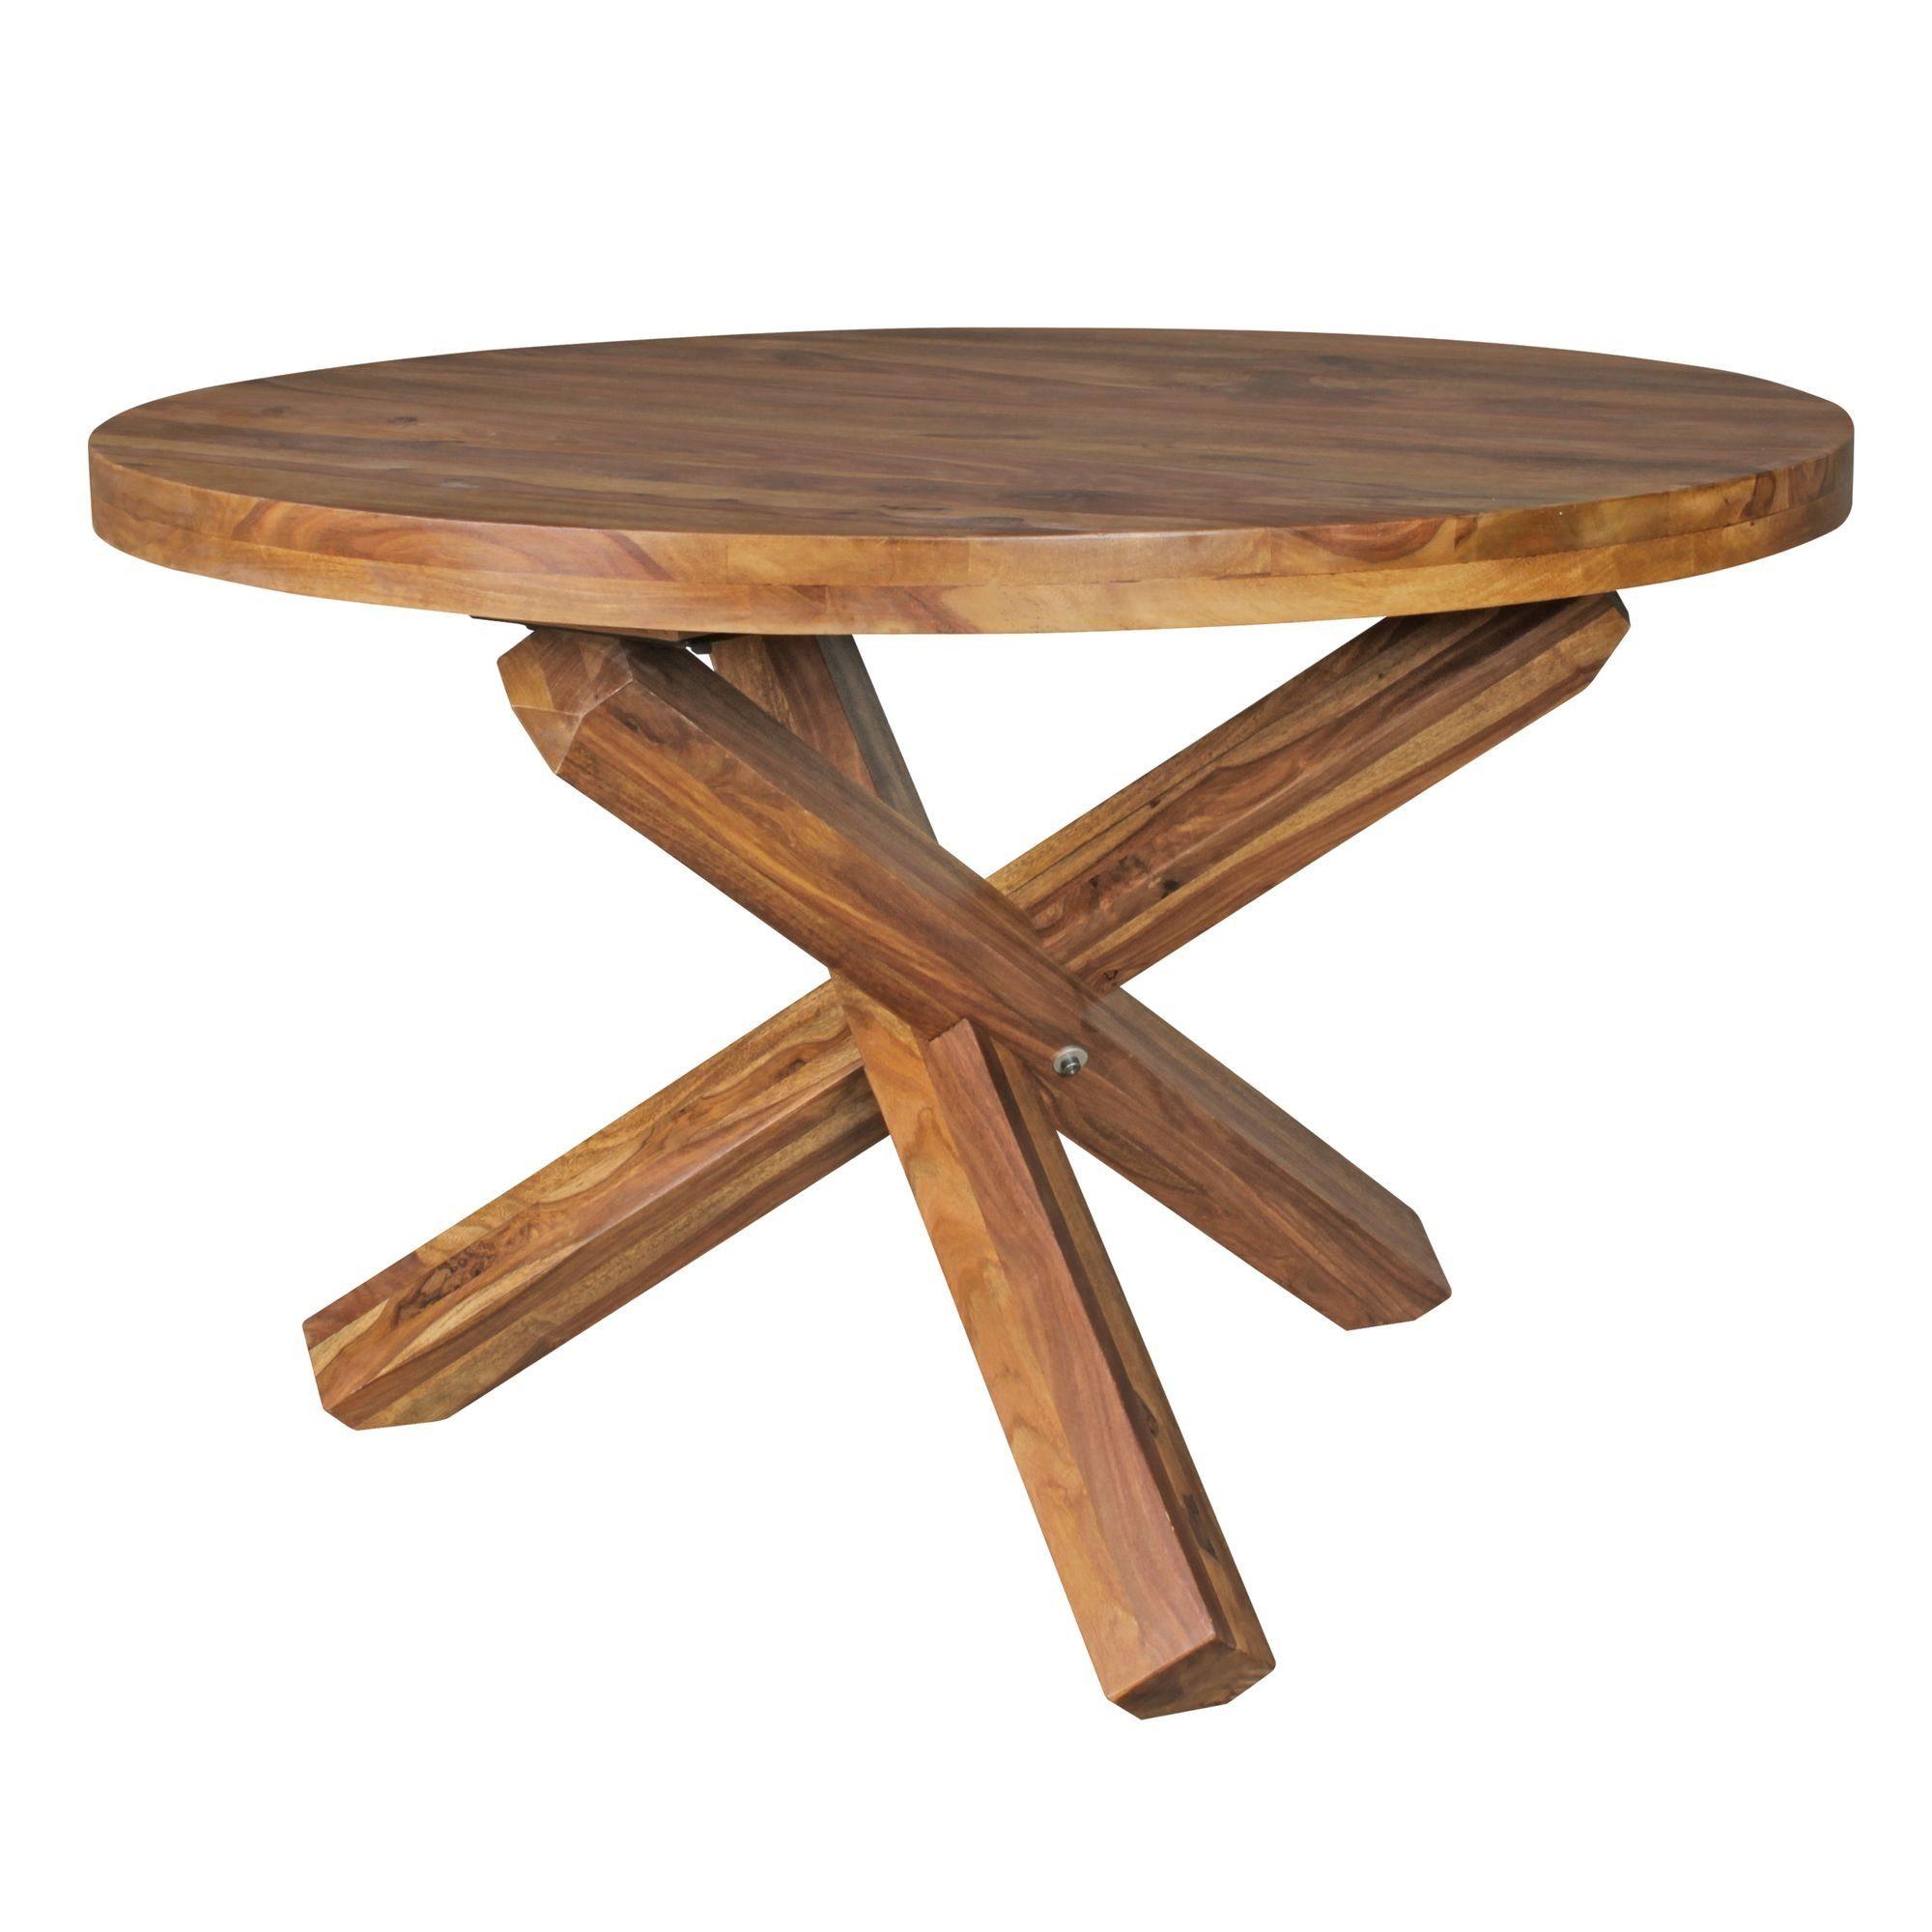 FINEBUY Esstisch »SuVa6334_1«, Design Esszimmertisch rund Ø 120 cm x 75 cm Massiv Holz Landhaus Esstisch 4 Personen Küchentisch Tisch für Esszimmer